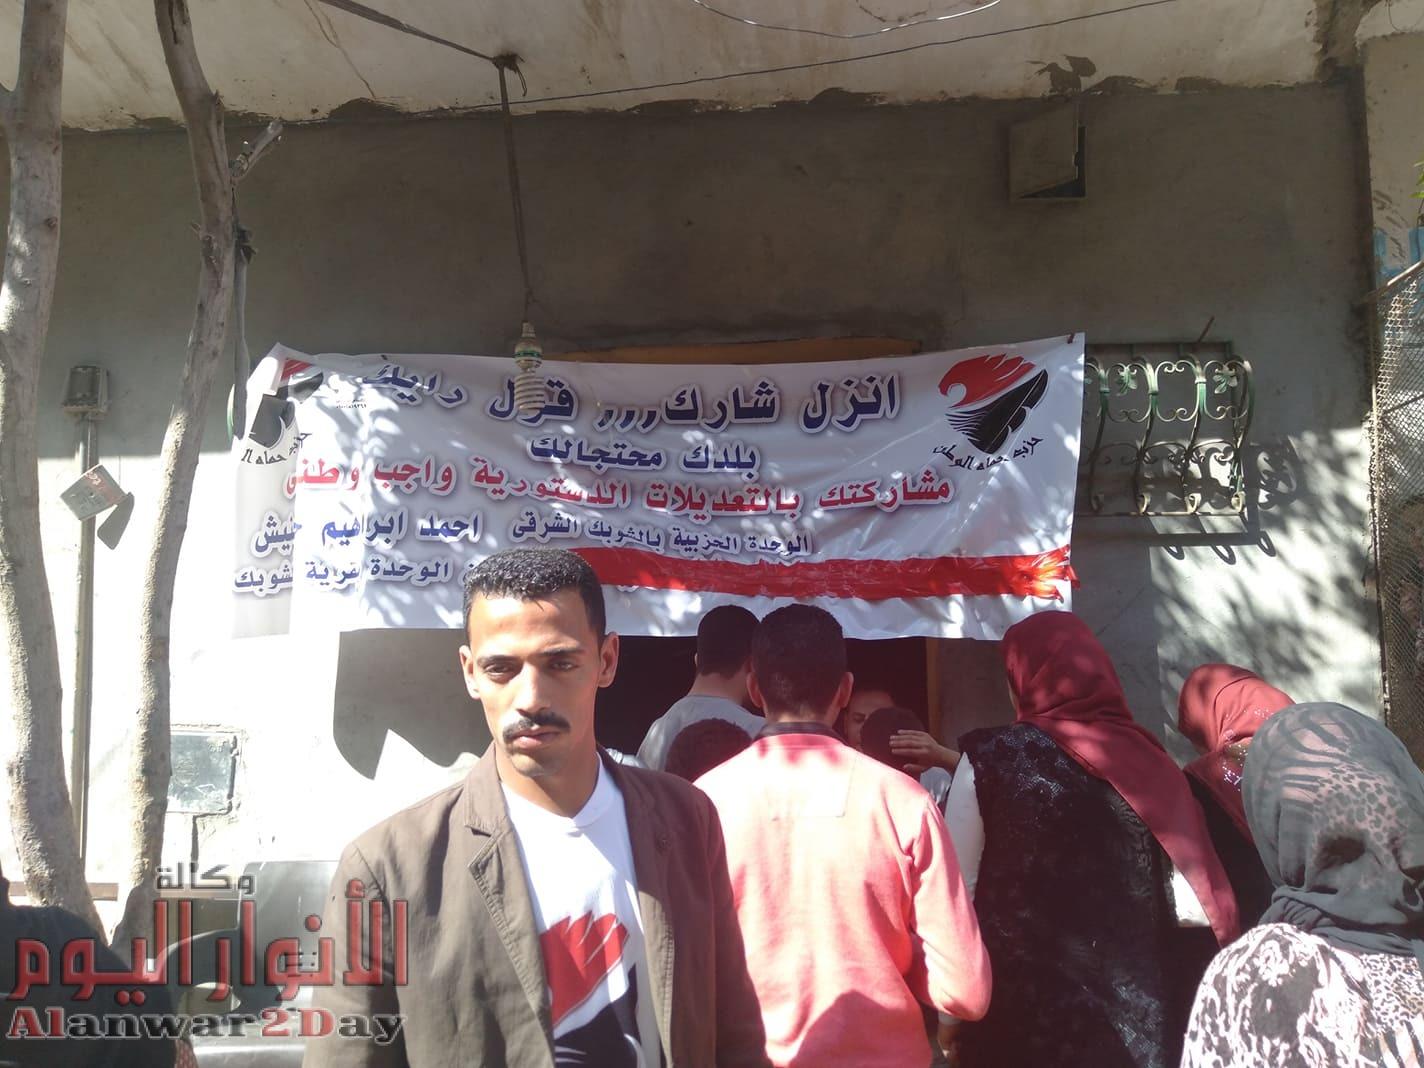 بالصور أمين حماة وطن بالجيزة يشيد بوعى المواطن ودور المرأة فى الاستفتاء